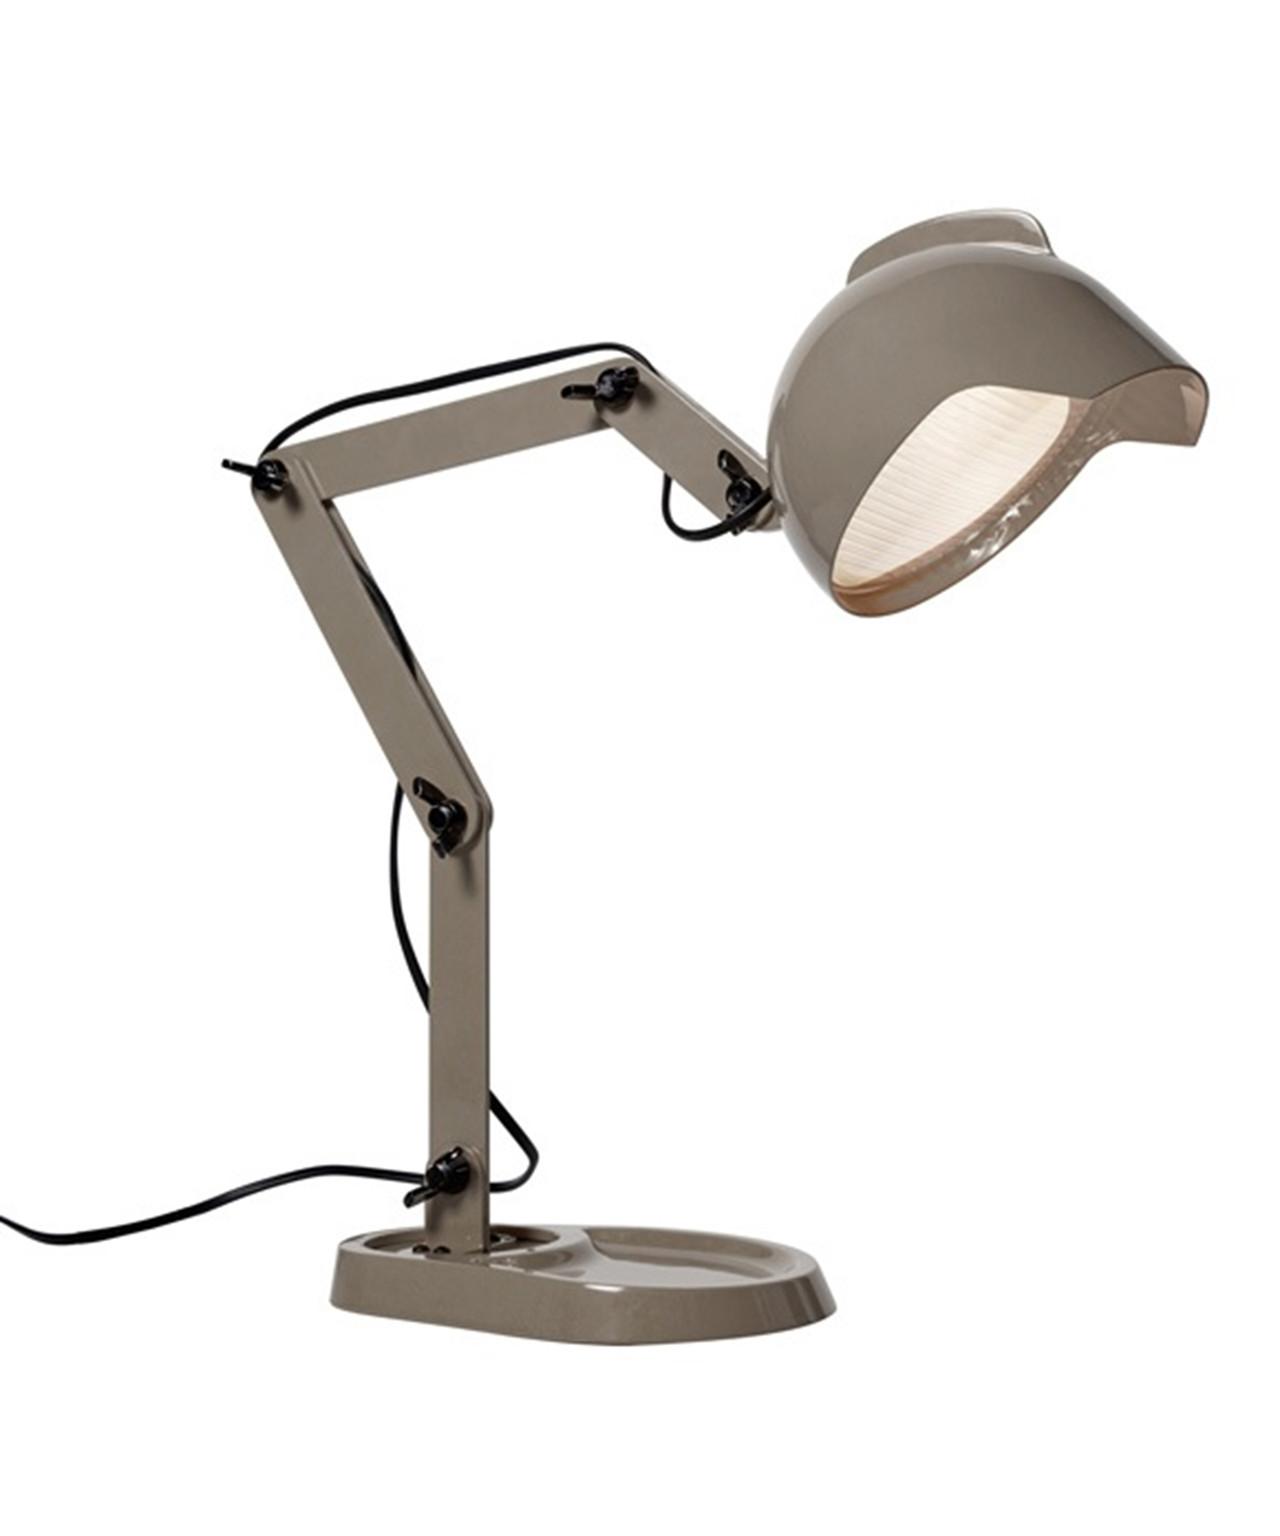 Duii bordlampe grå - diesel fra N/A fra lampemesteren.dk